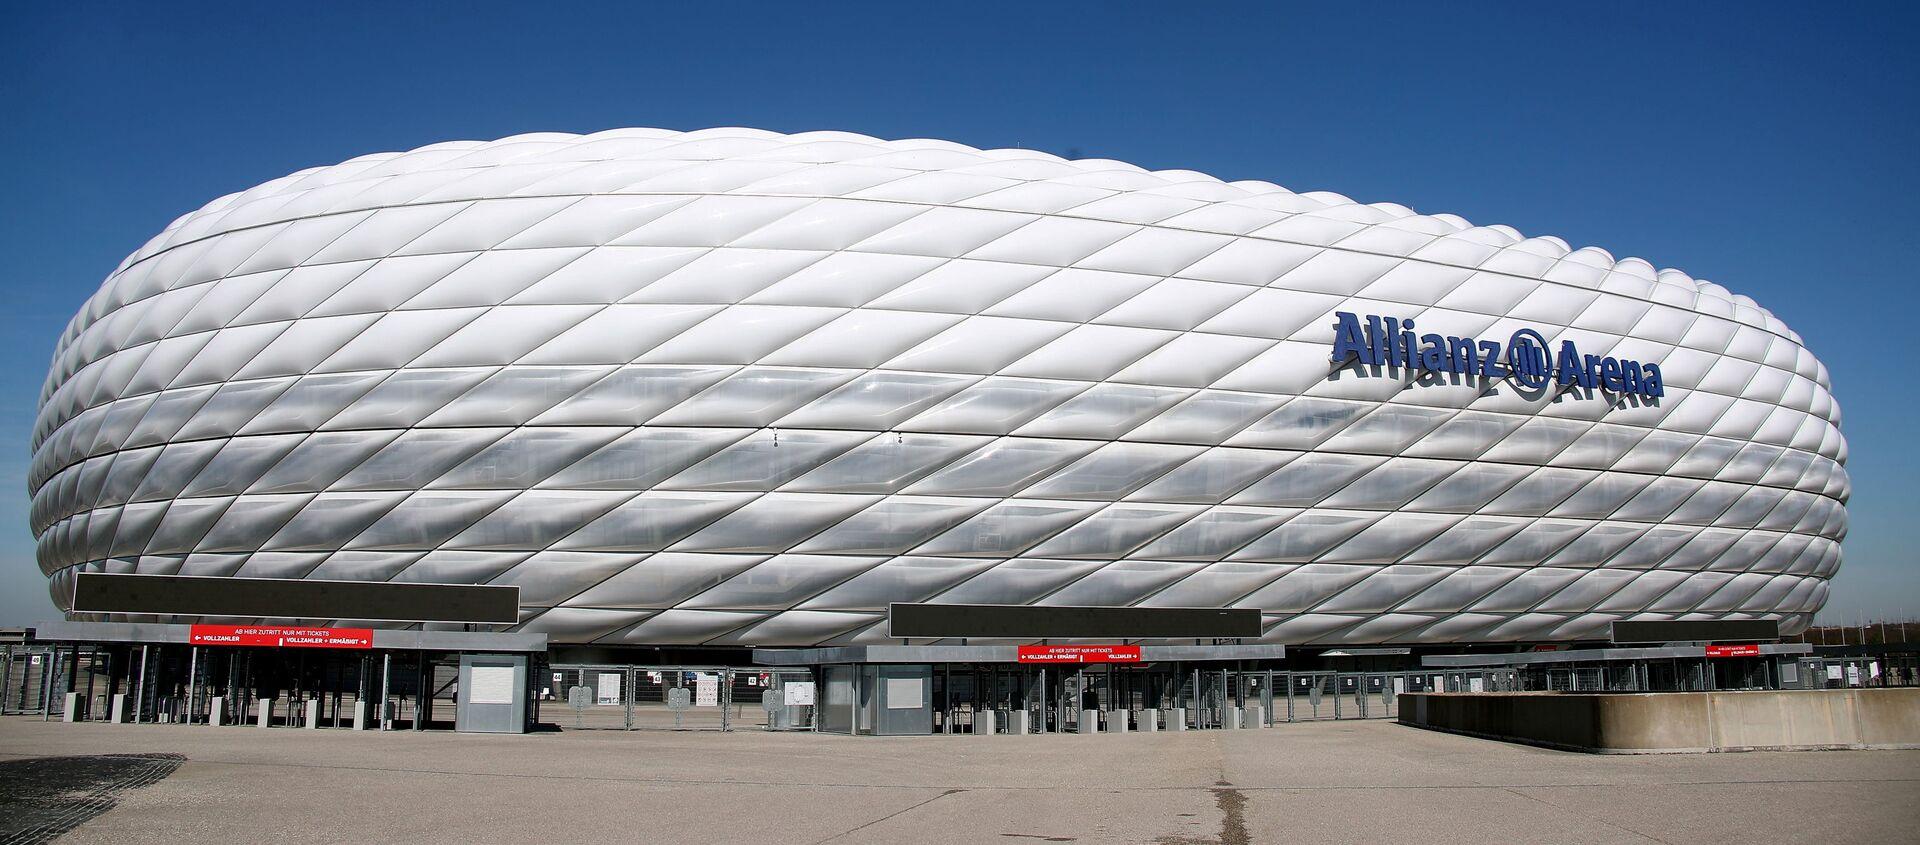 Sân vận động «Allianz» ở Munich (Đức). - Sputnik Việt Nam, 1920, 22.06.2021